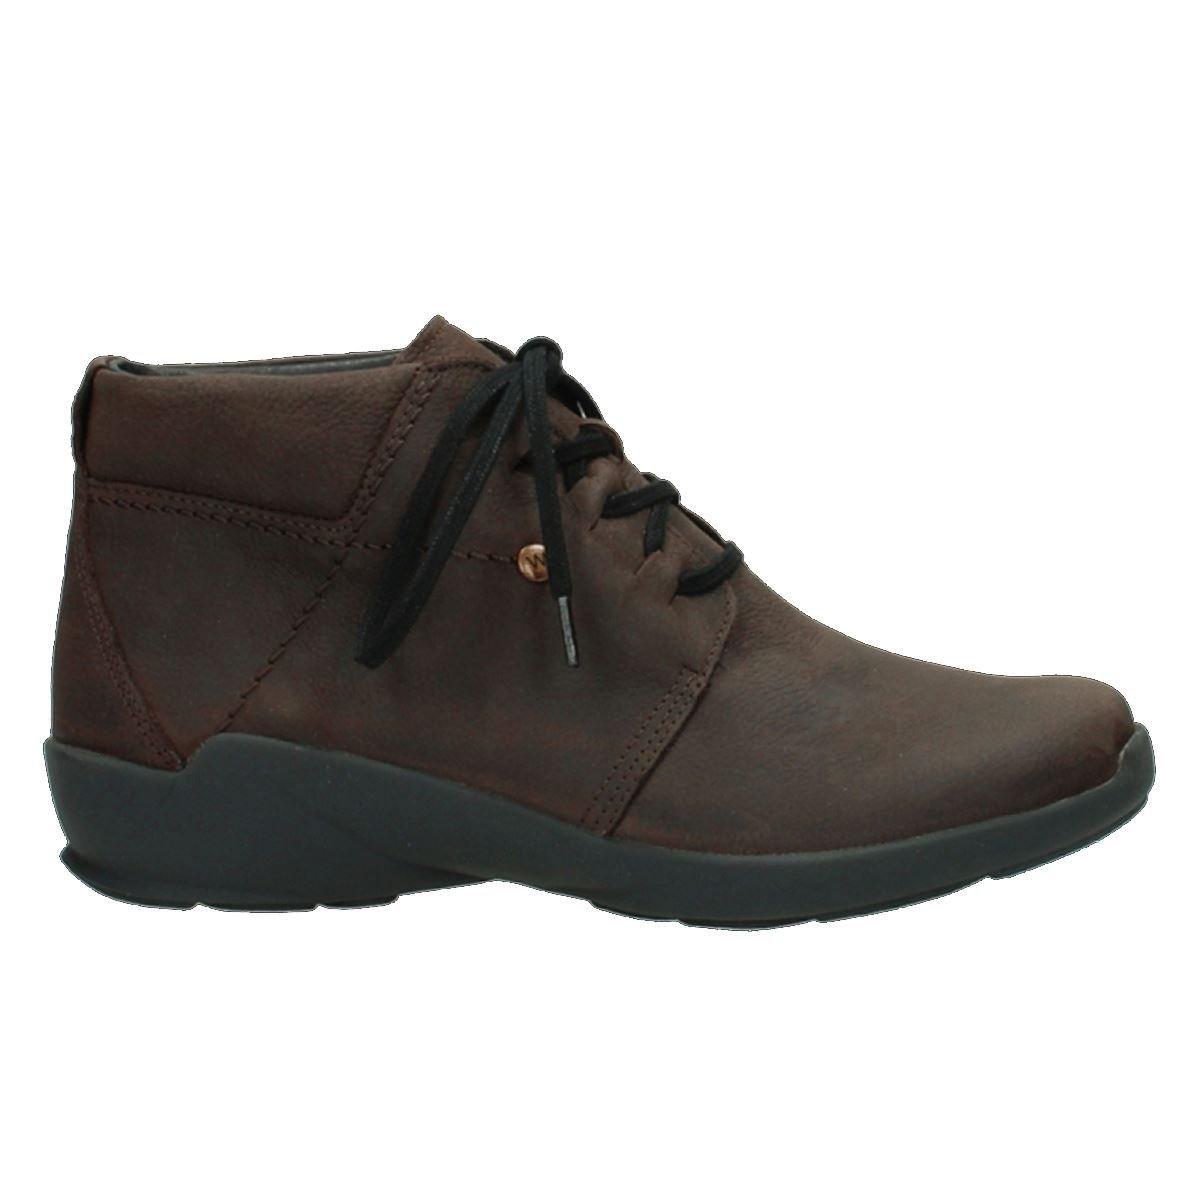 donna Wolky Marronee Jaca stivali Leather adac5pkem6381